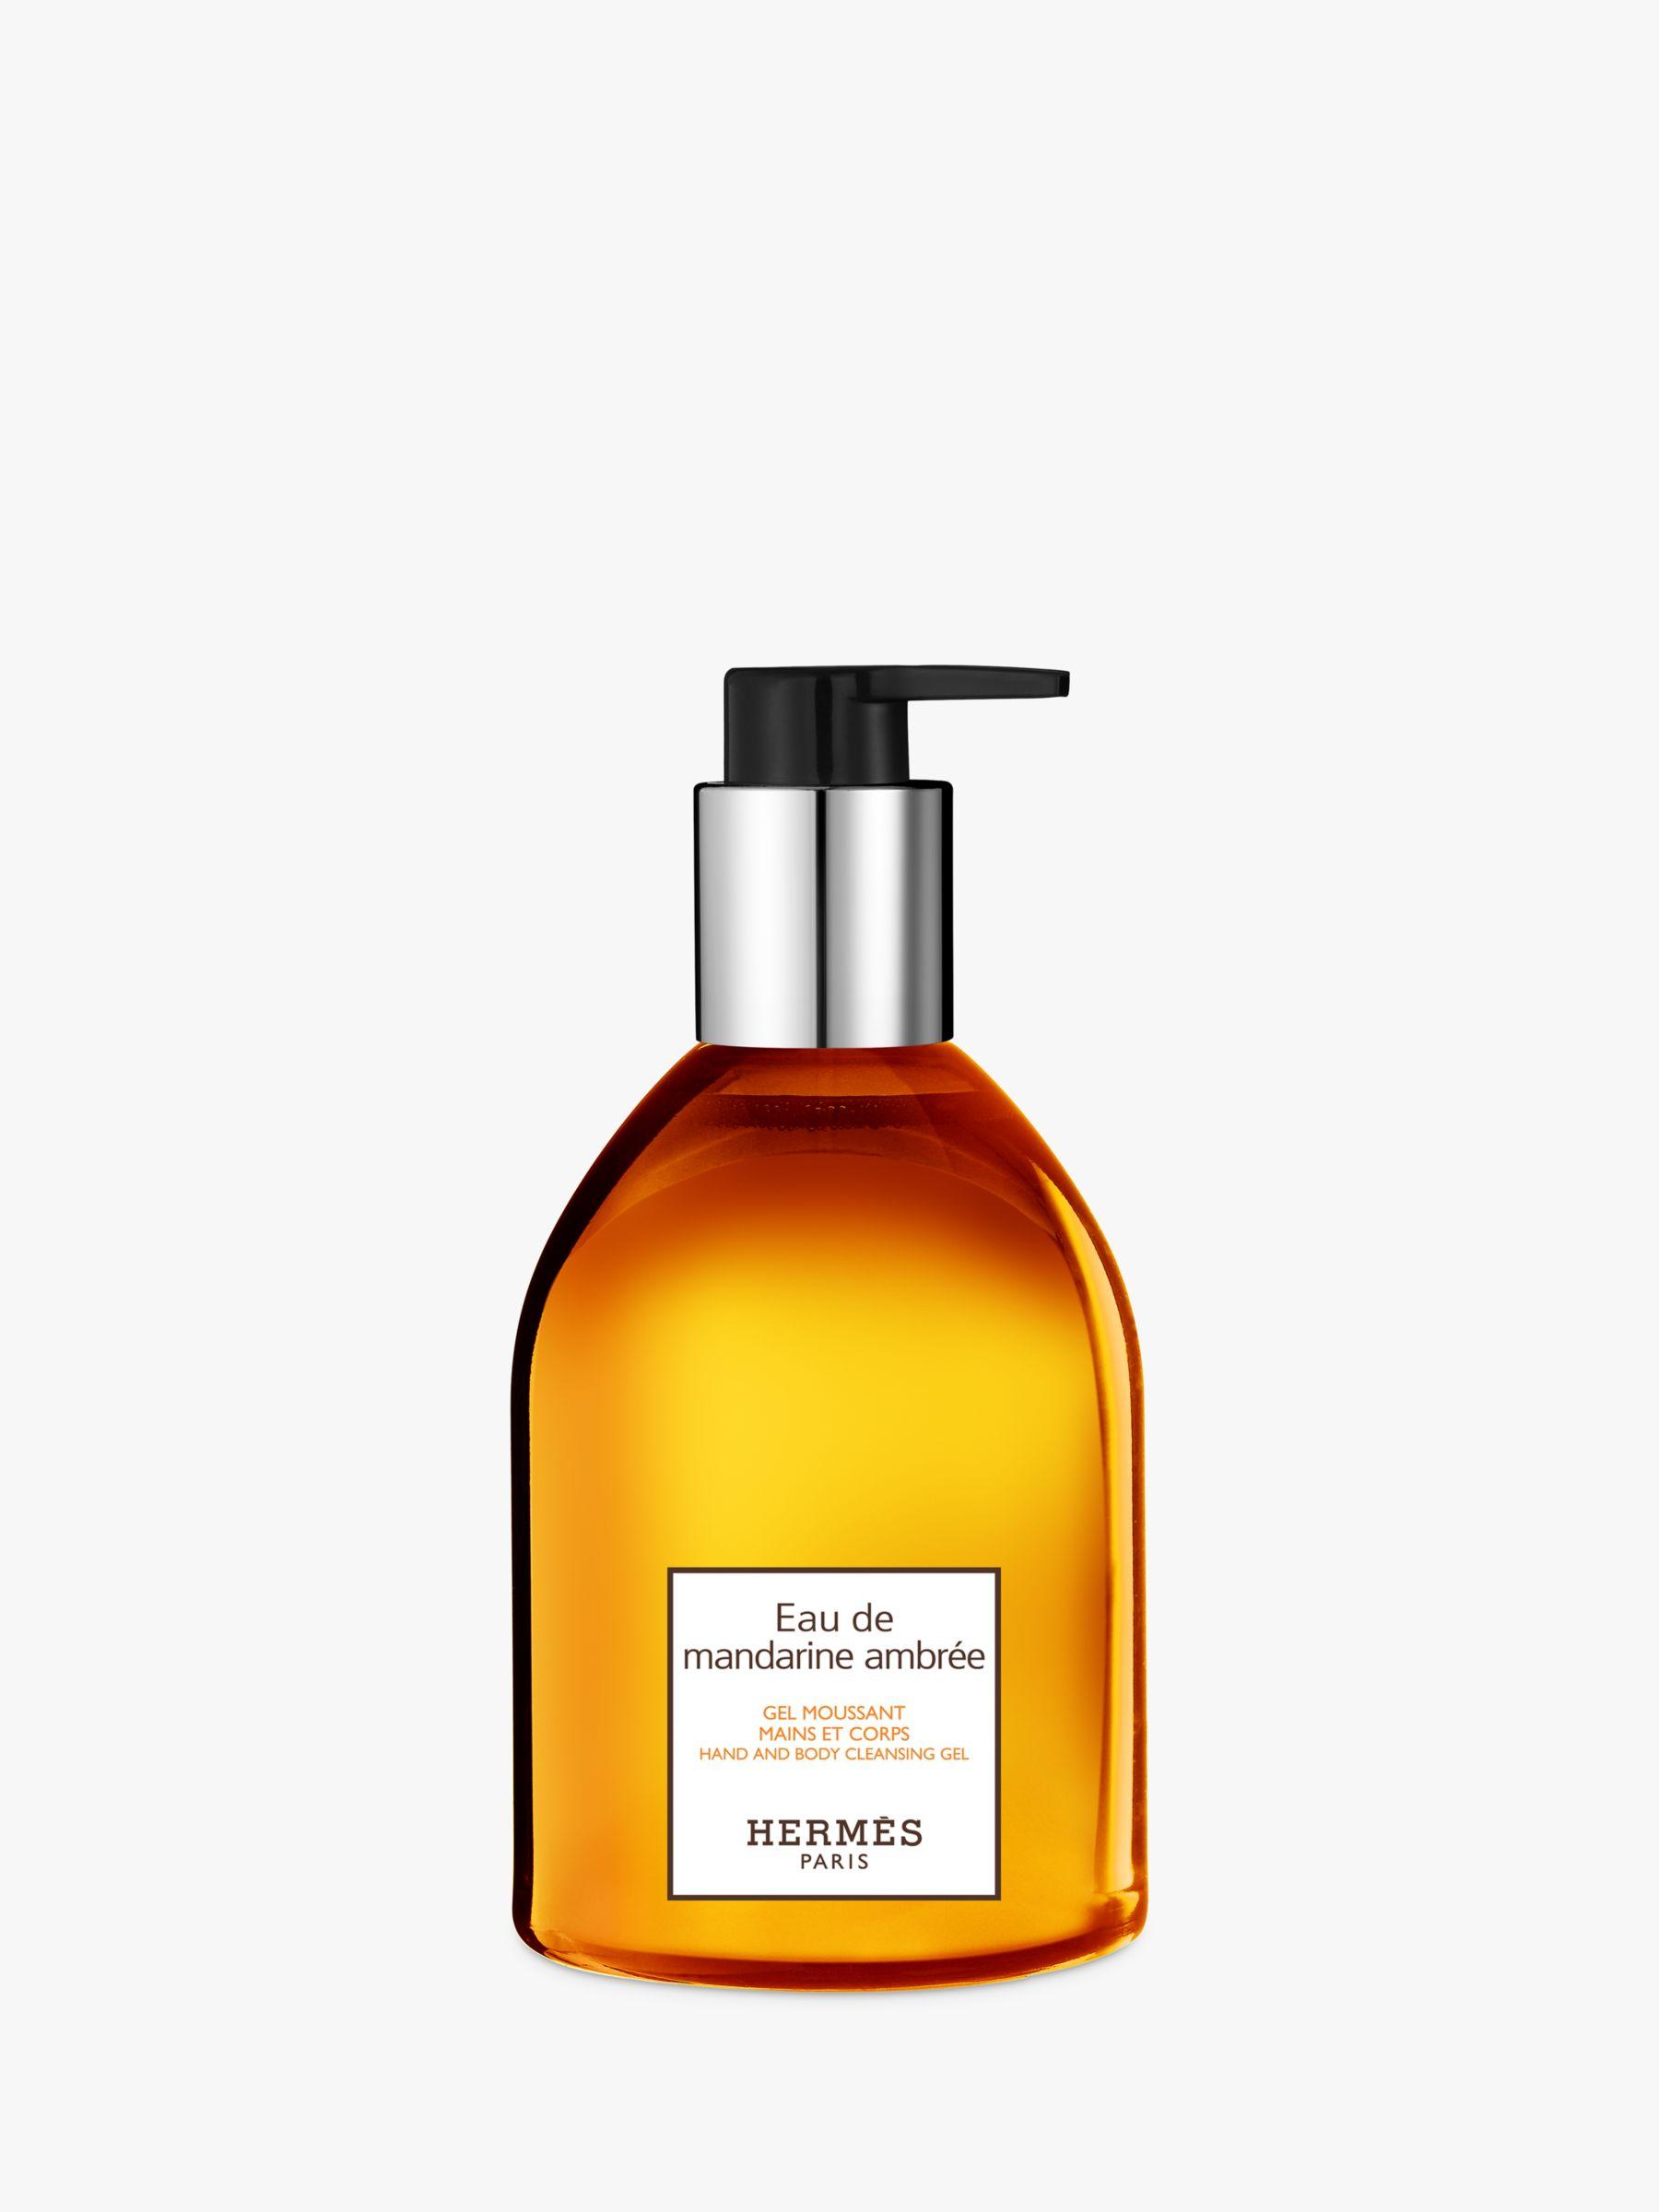 Hermes HERMÈS Eau De Mandarine Ambrée Hand & Body Cleansing Gel, 300ml